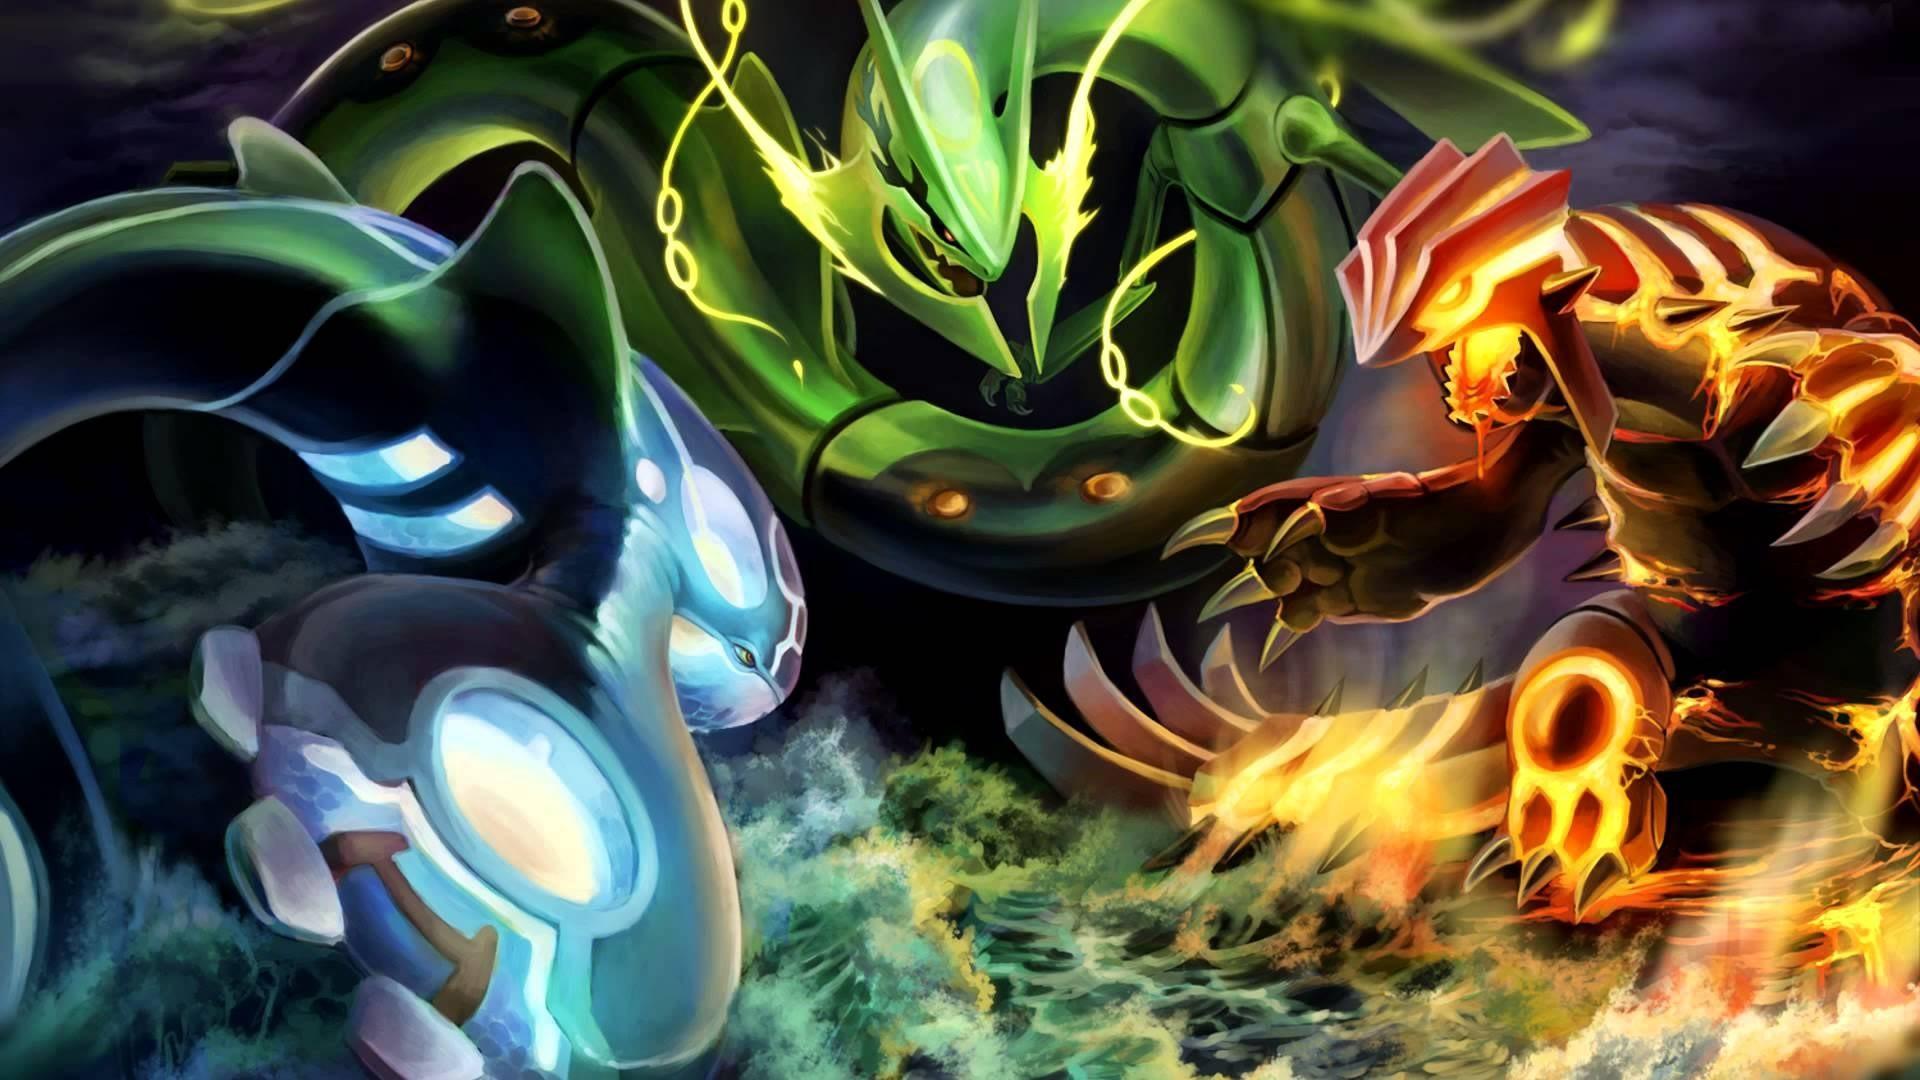 wallpaper pokemon legendary wallpaper pokemon legendary